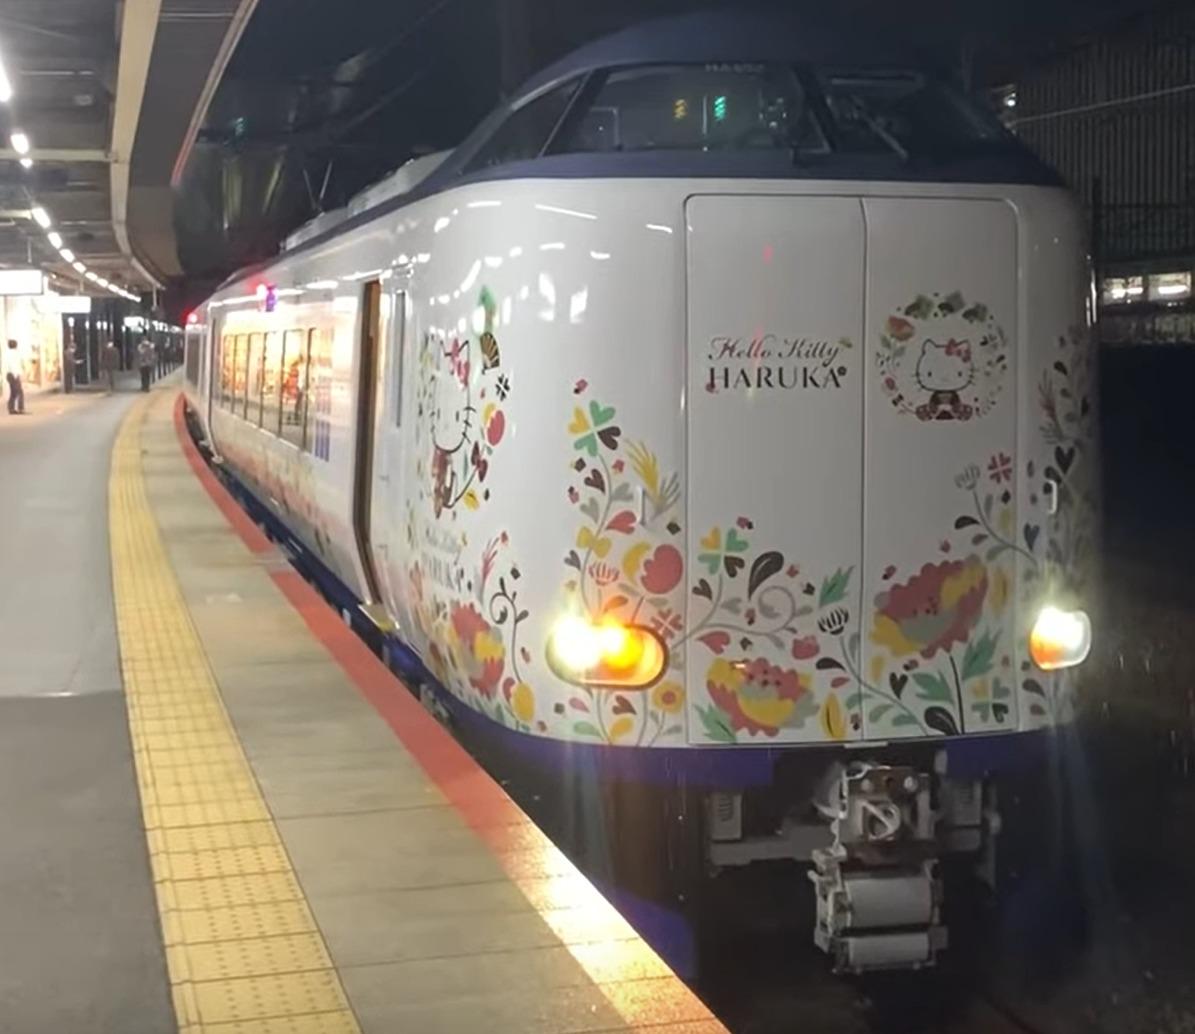 【新型関空特急はるか】271系がデビューで全列車9両編成で運転 全席座席コンセント付きなどサービスアップ